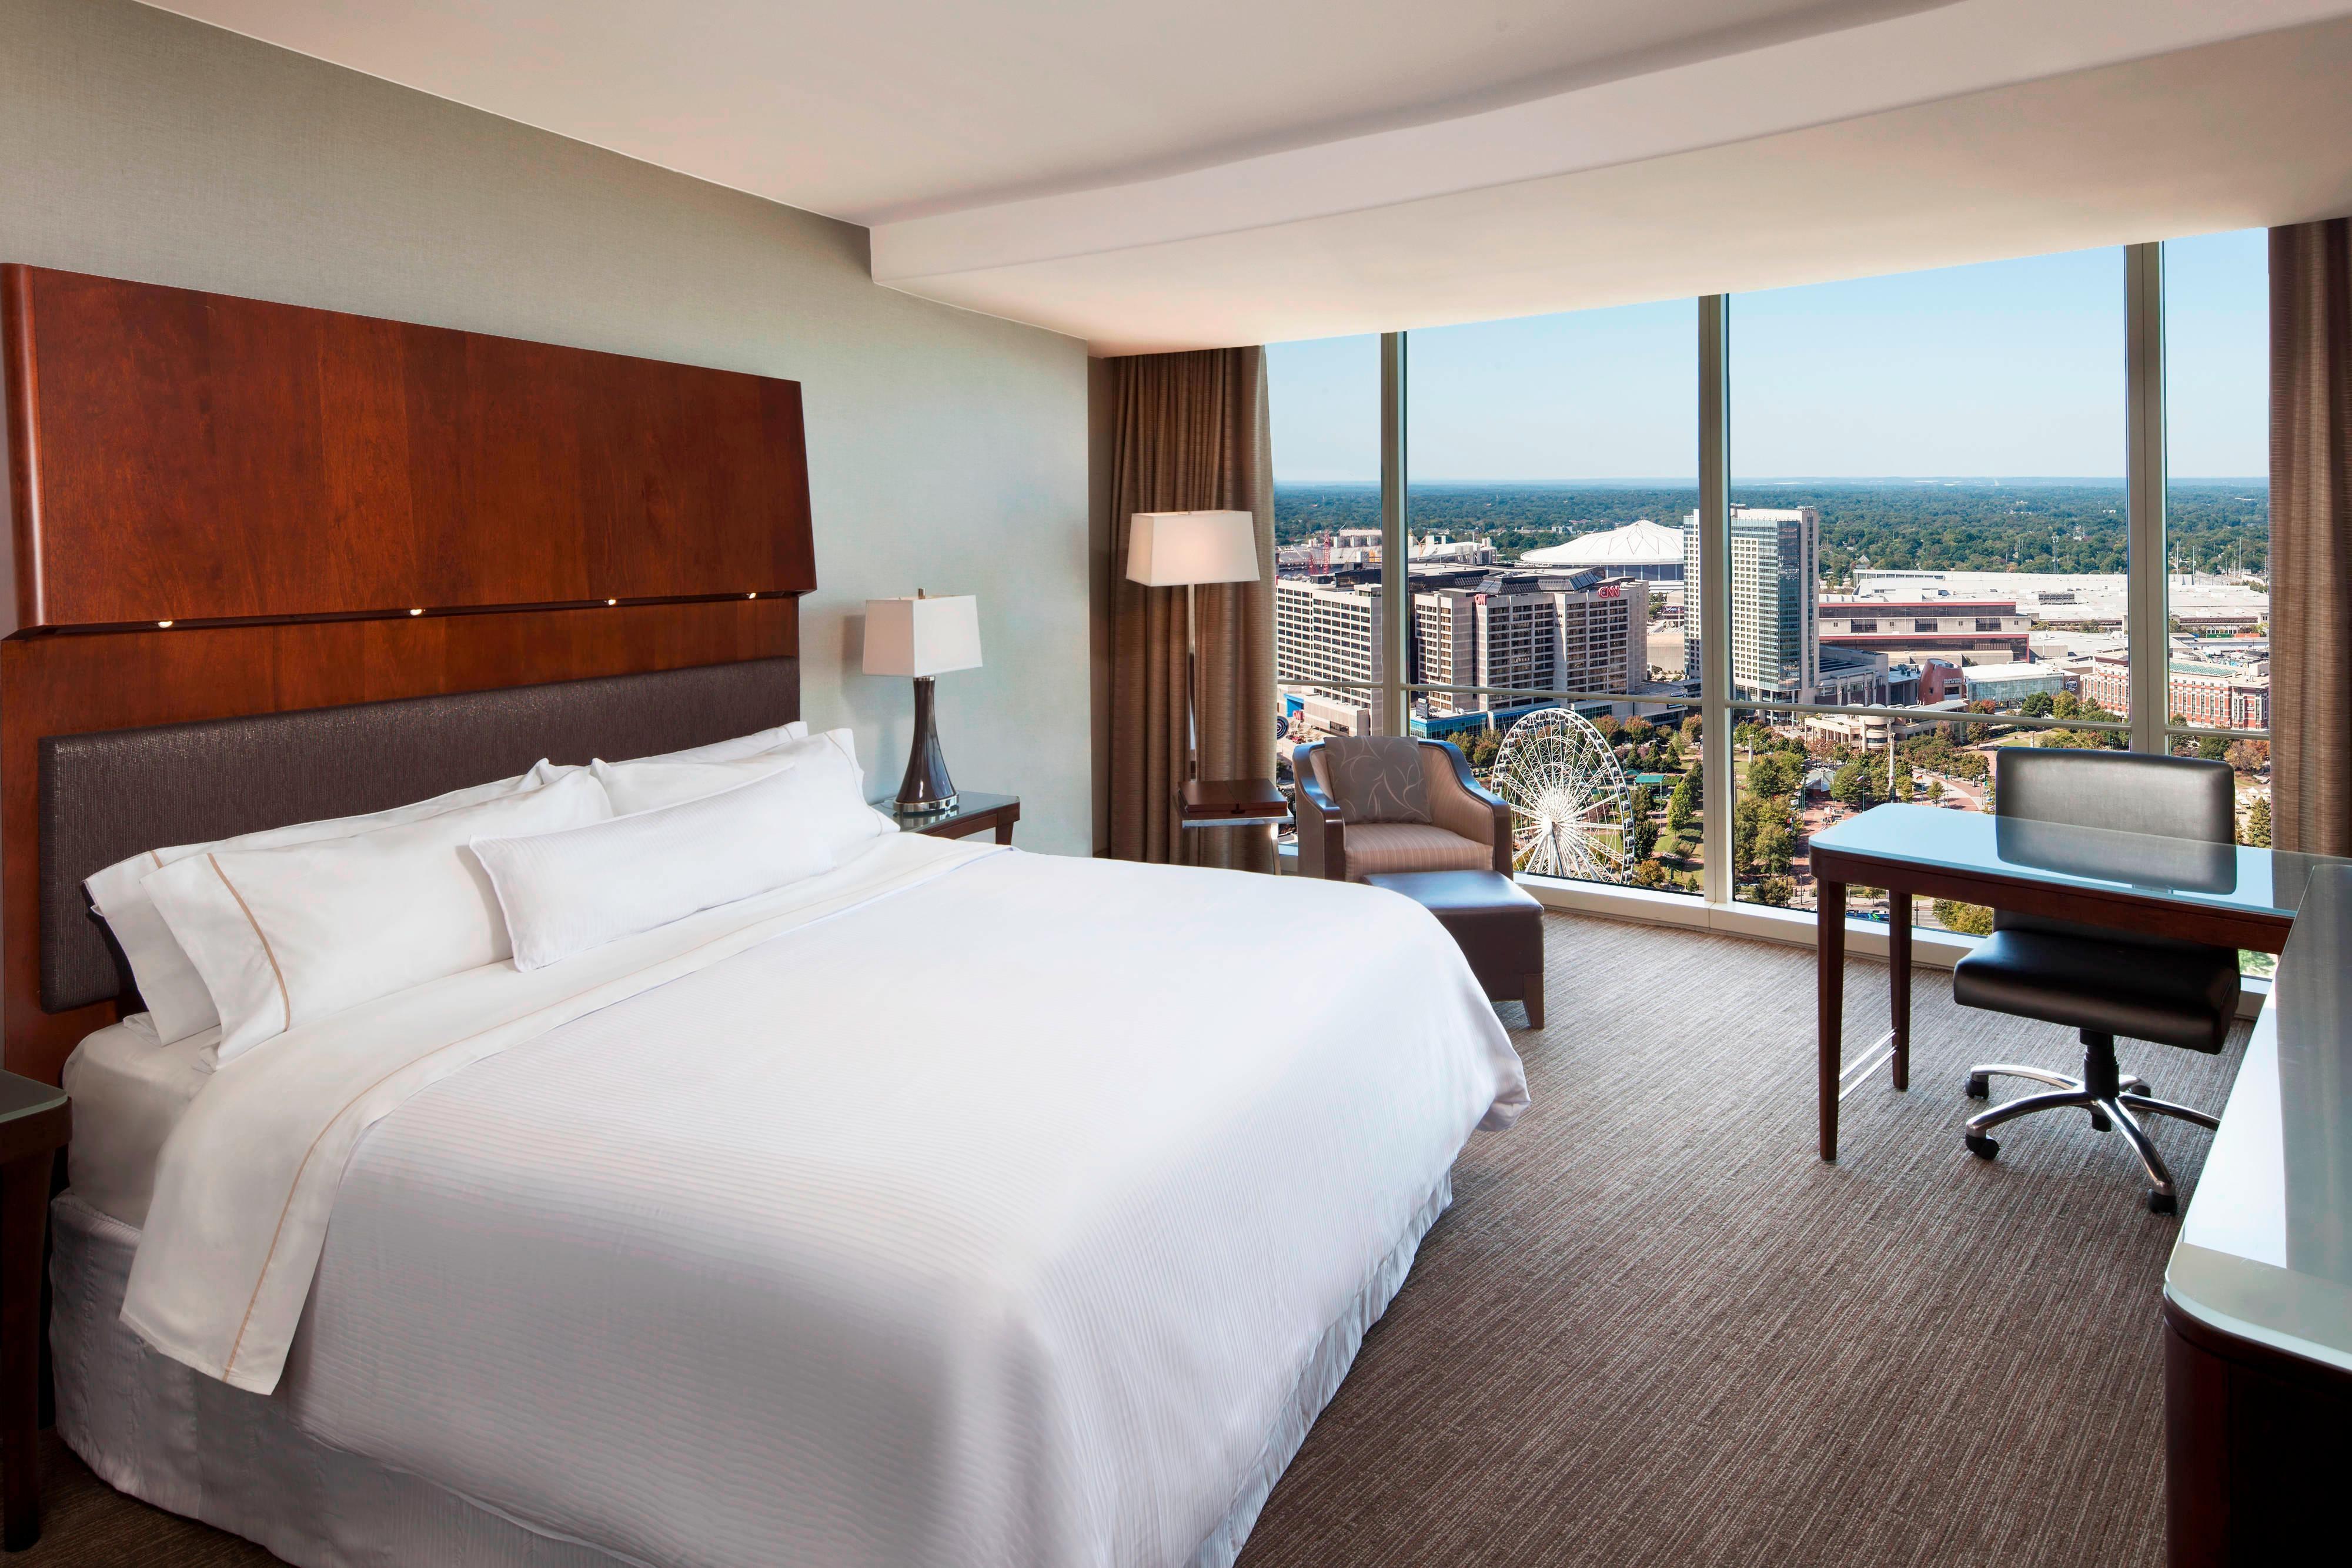 Habitación Deluxe con cama tamaño King y vista al parque Centennial